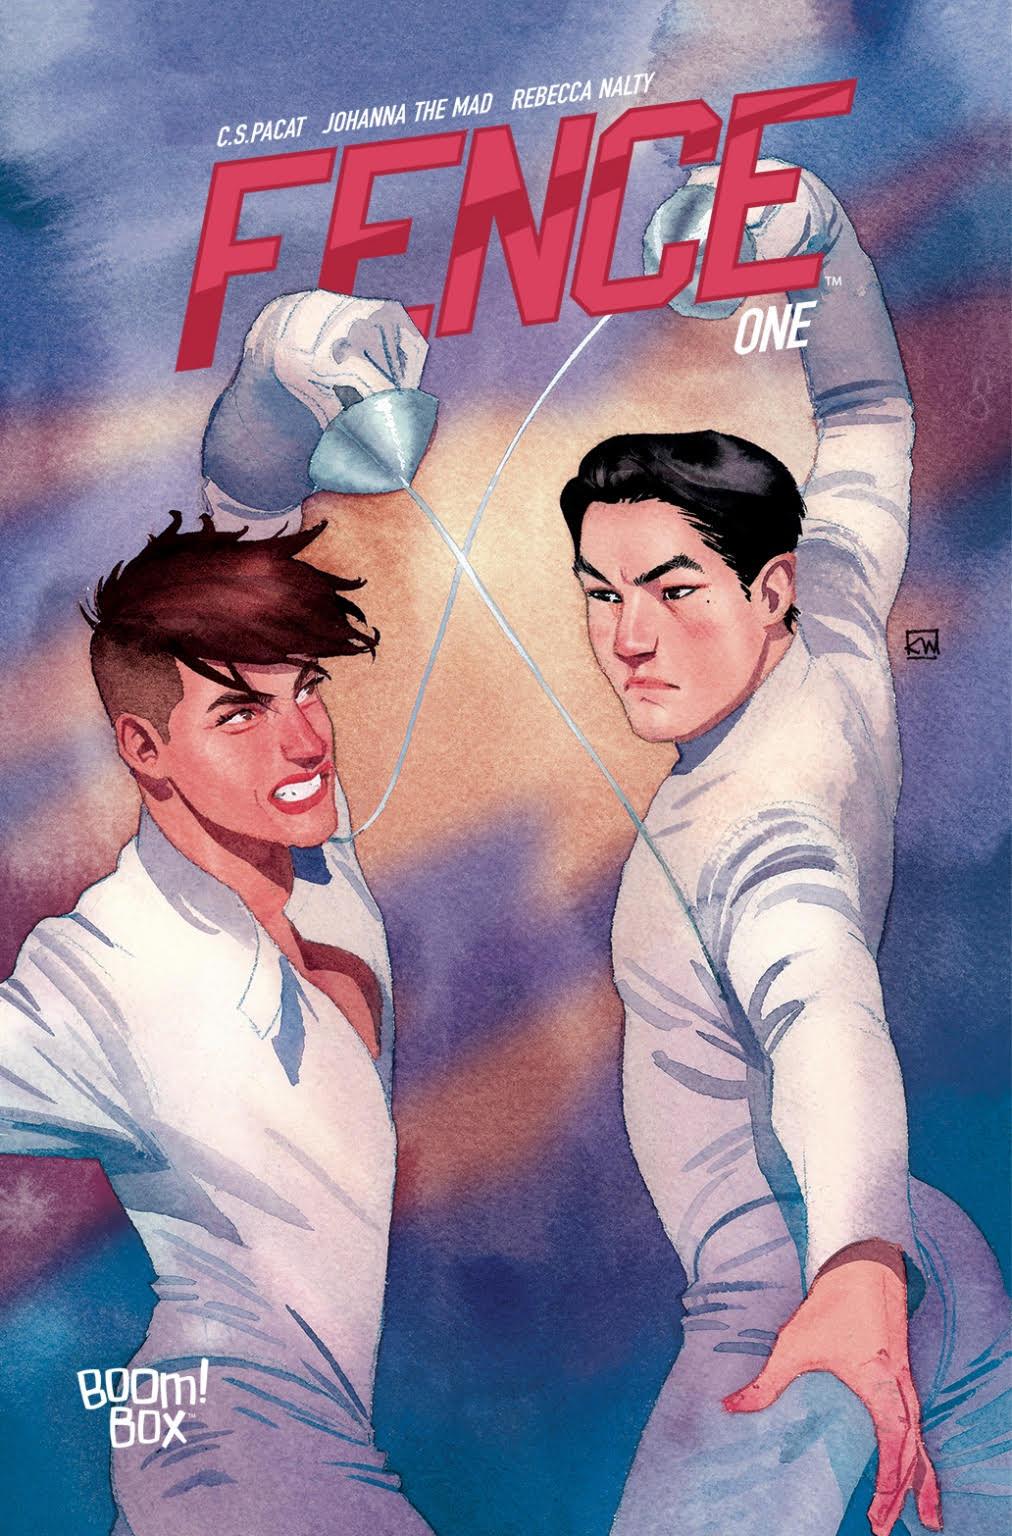 gay comic-con 2019 fence